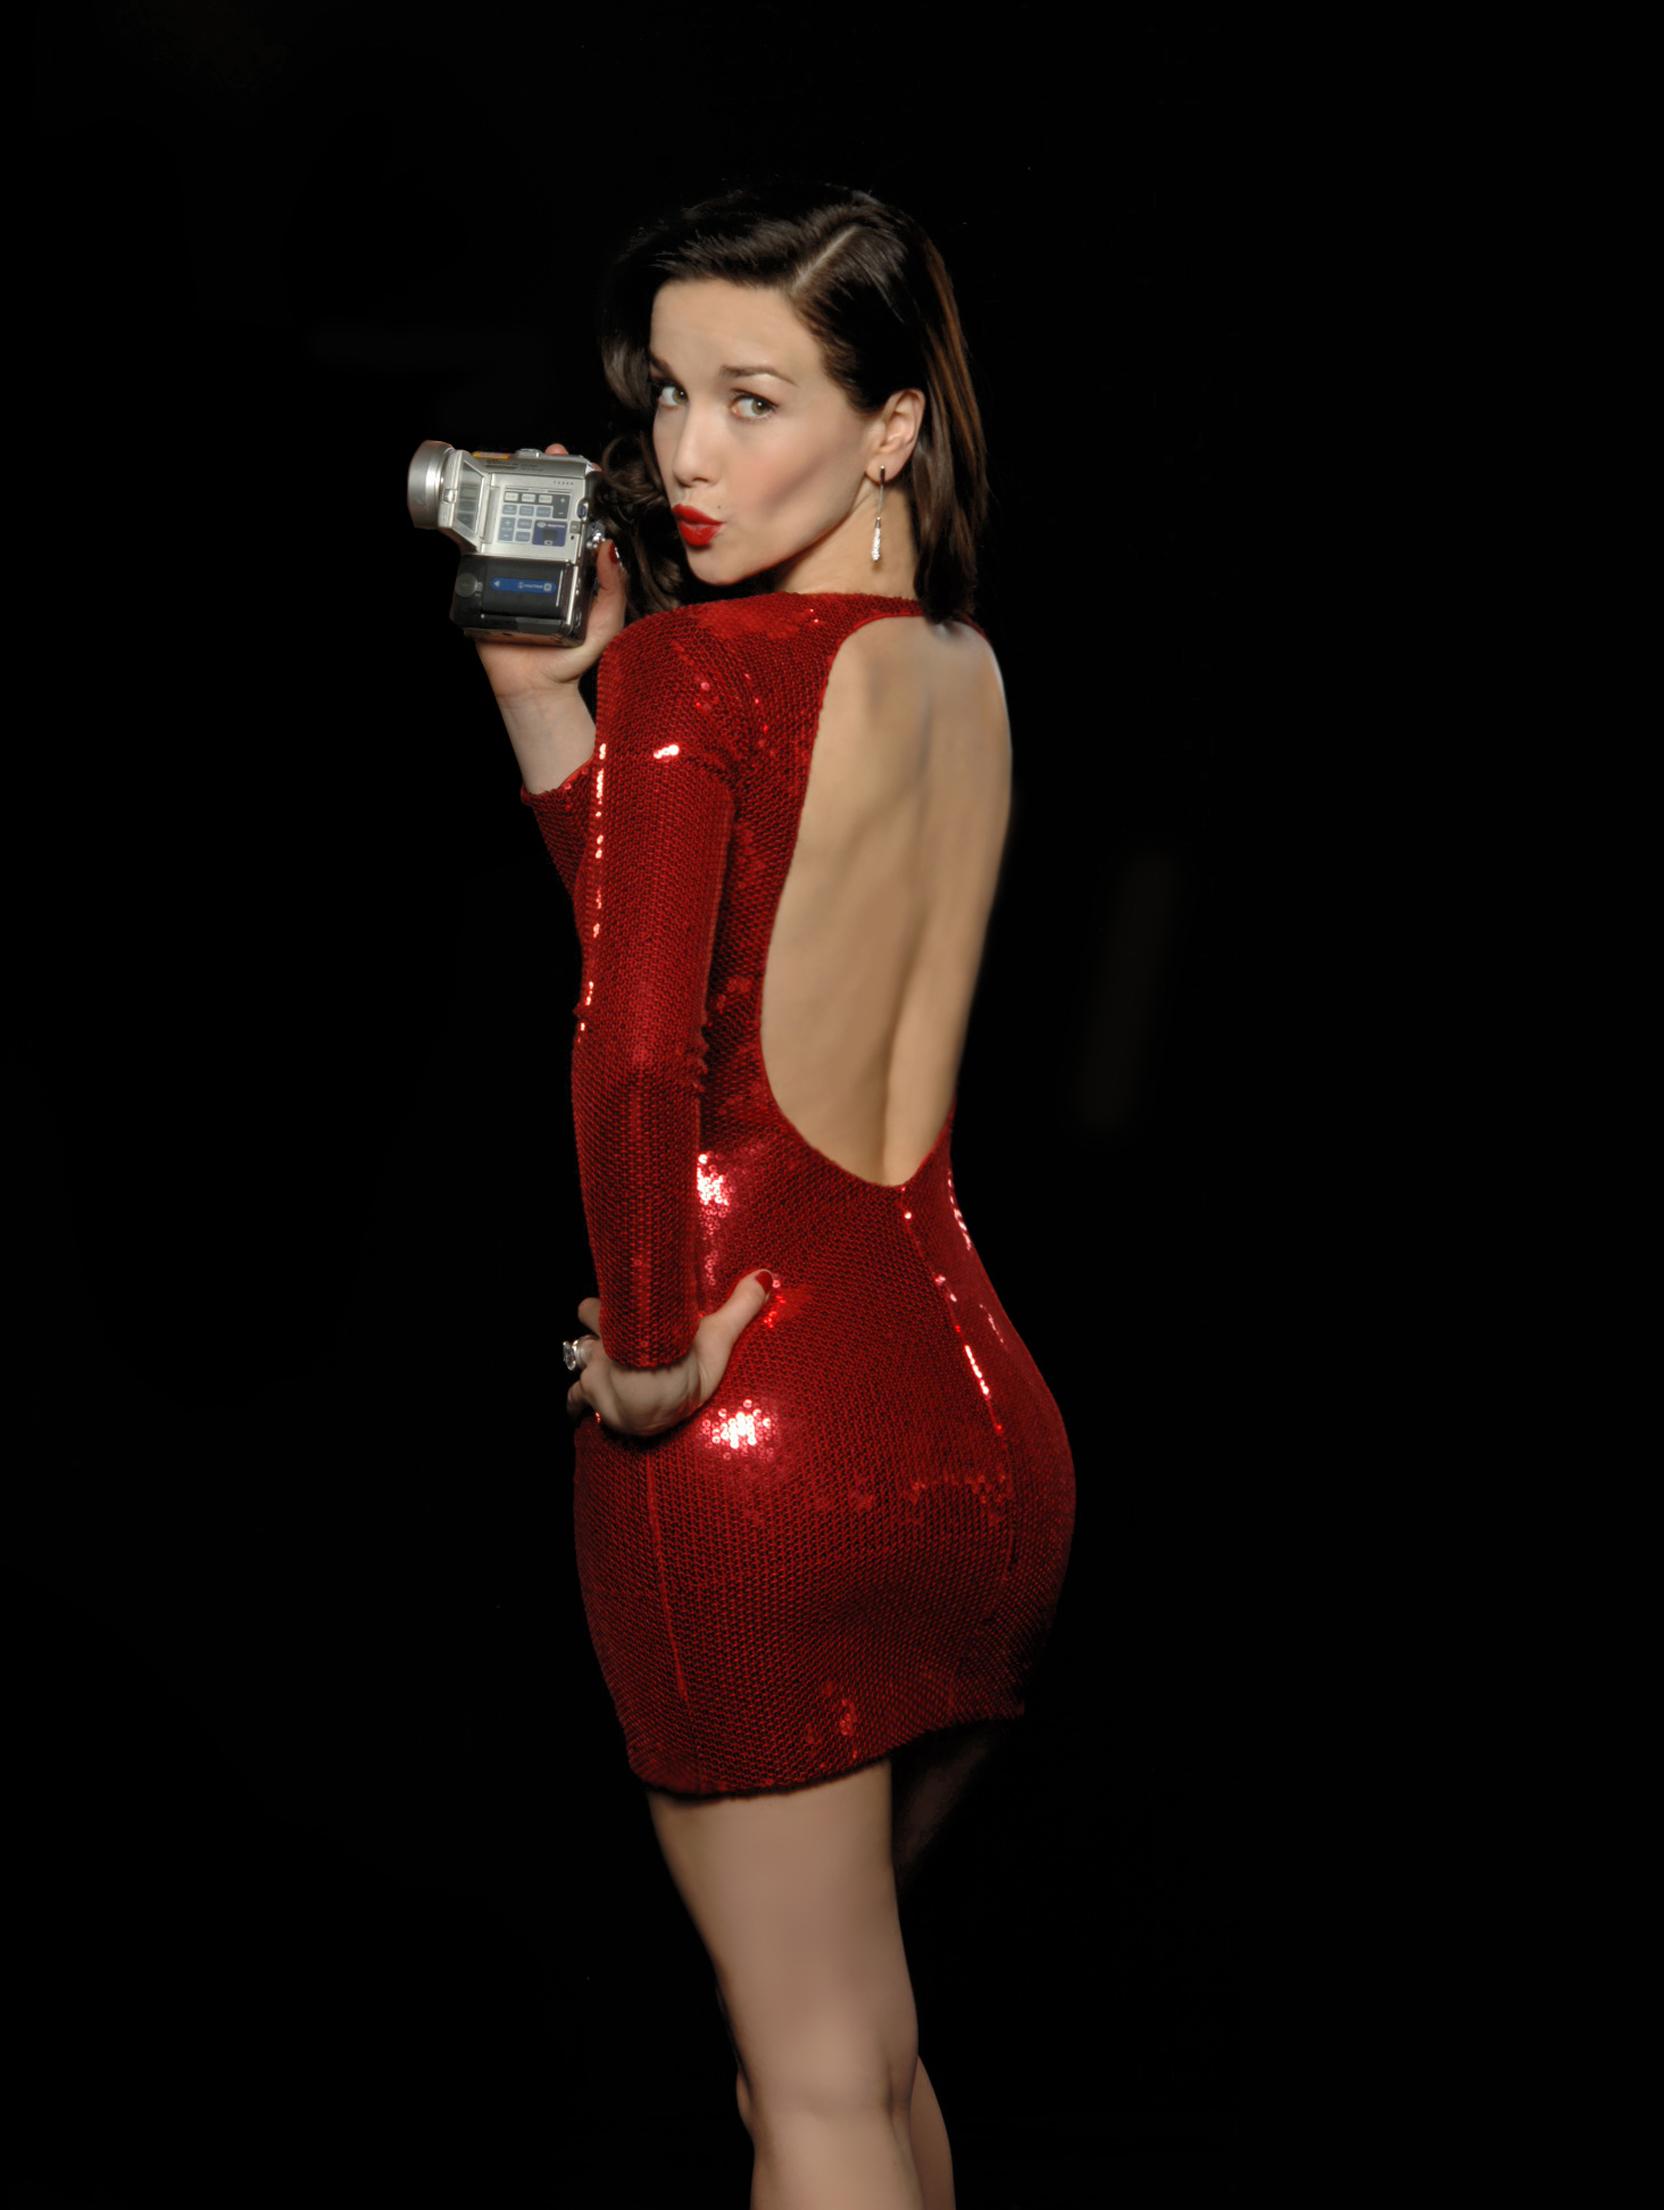 Natalia Oreiro photo 4...